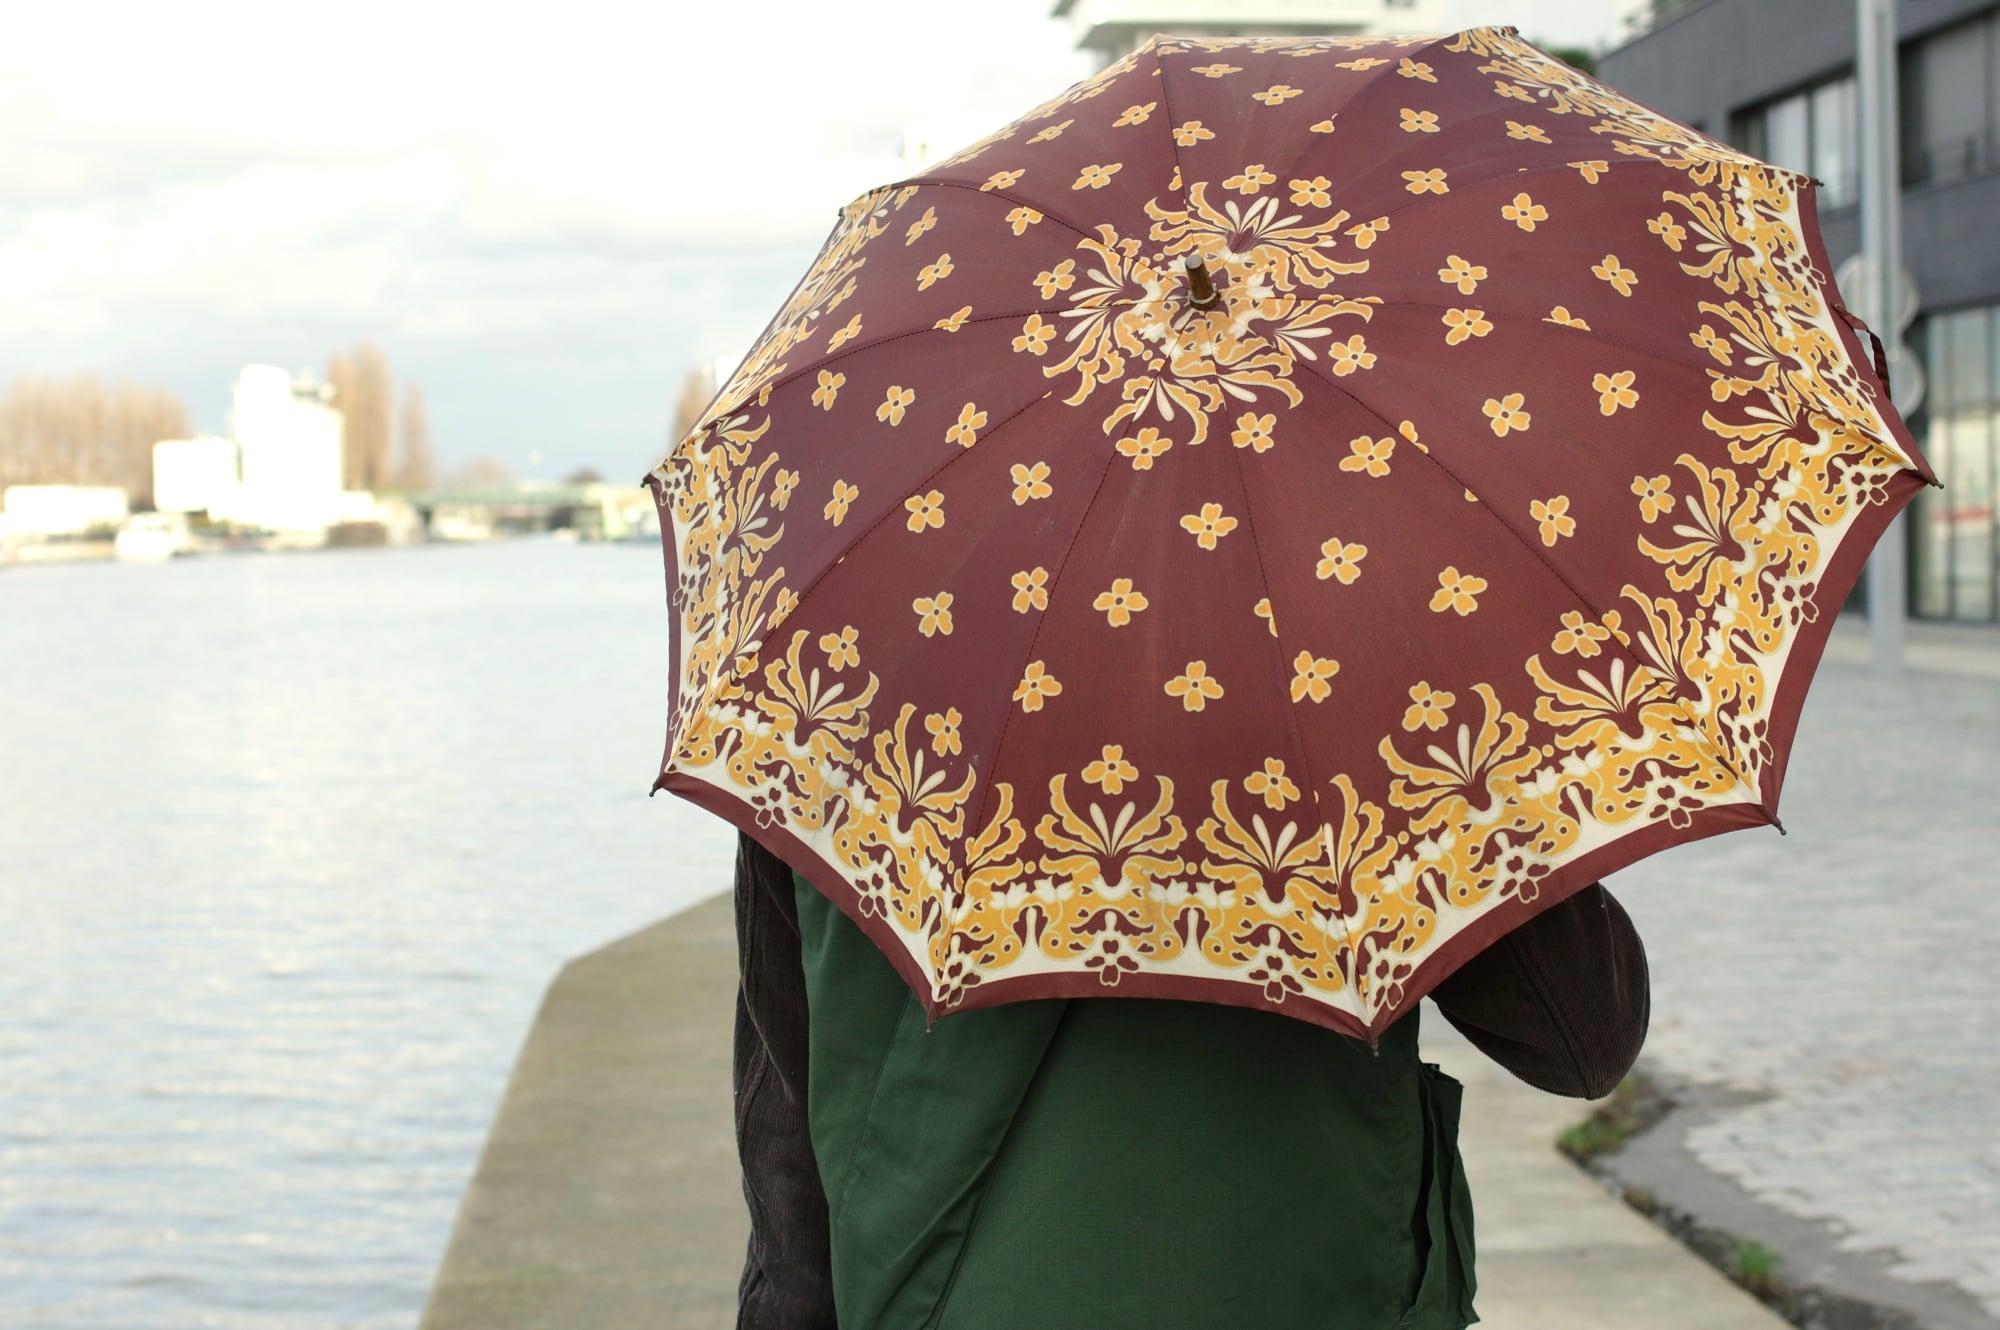 comment choisir et porter un paraplui dans un style masculin hommele choix du vintage et petit format